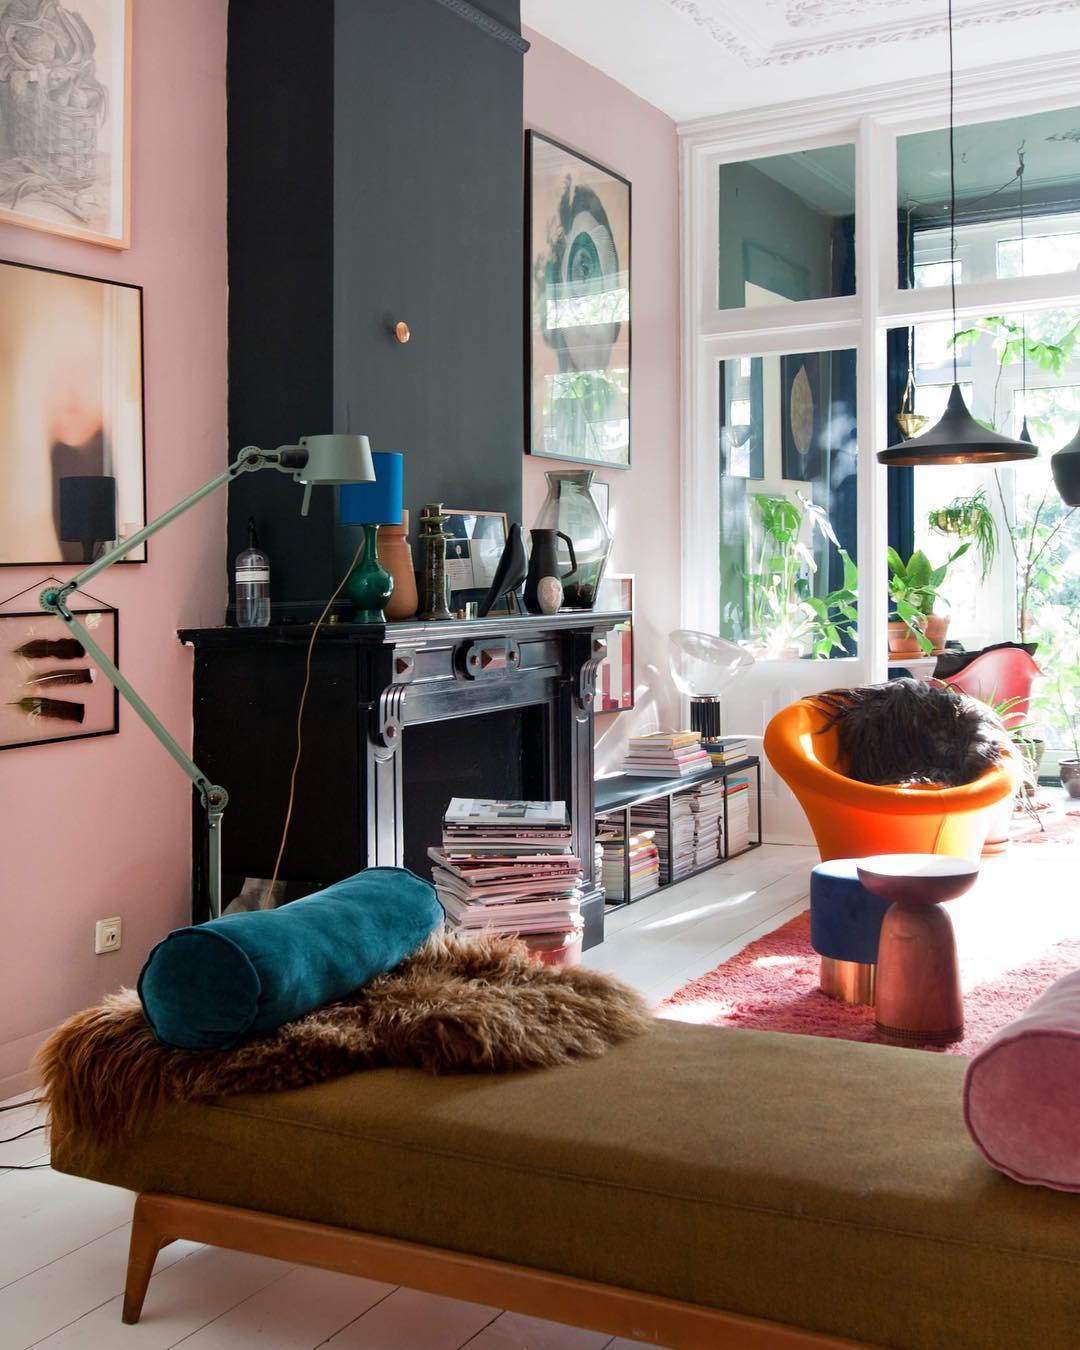 Théo-Bert Pot banquette salon mur rose et noir décoration vintage retro années 50